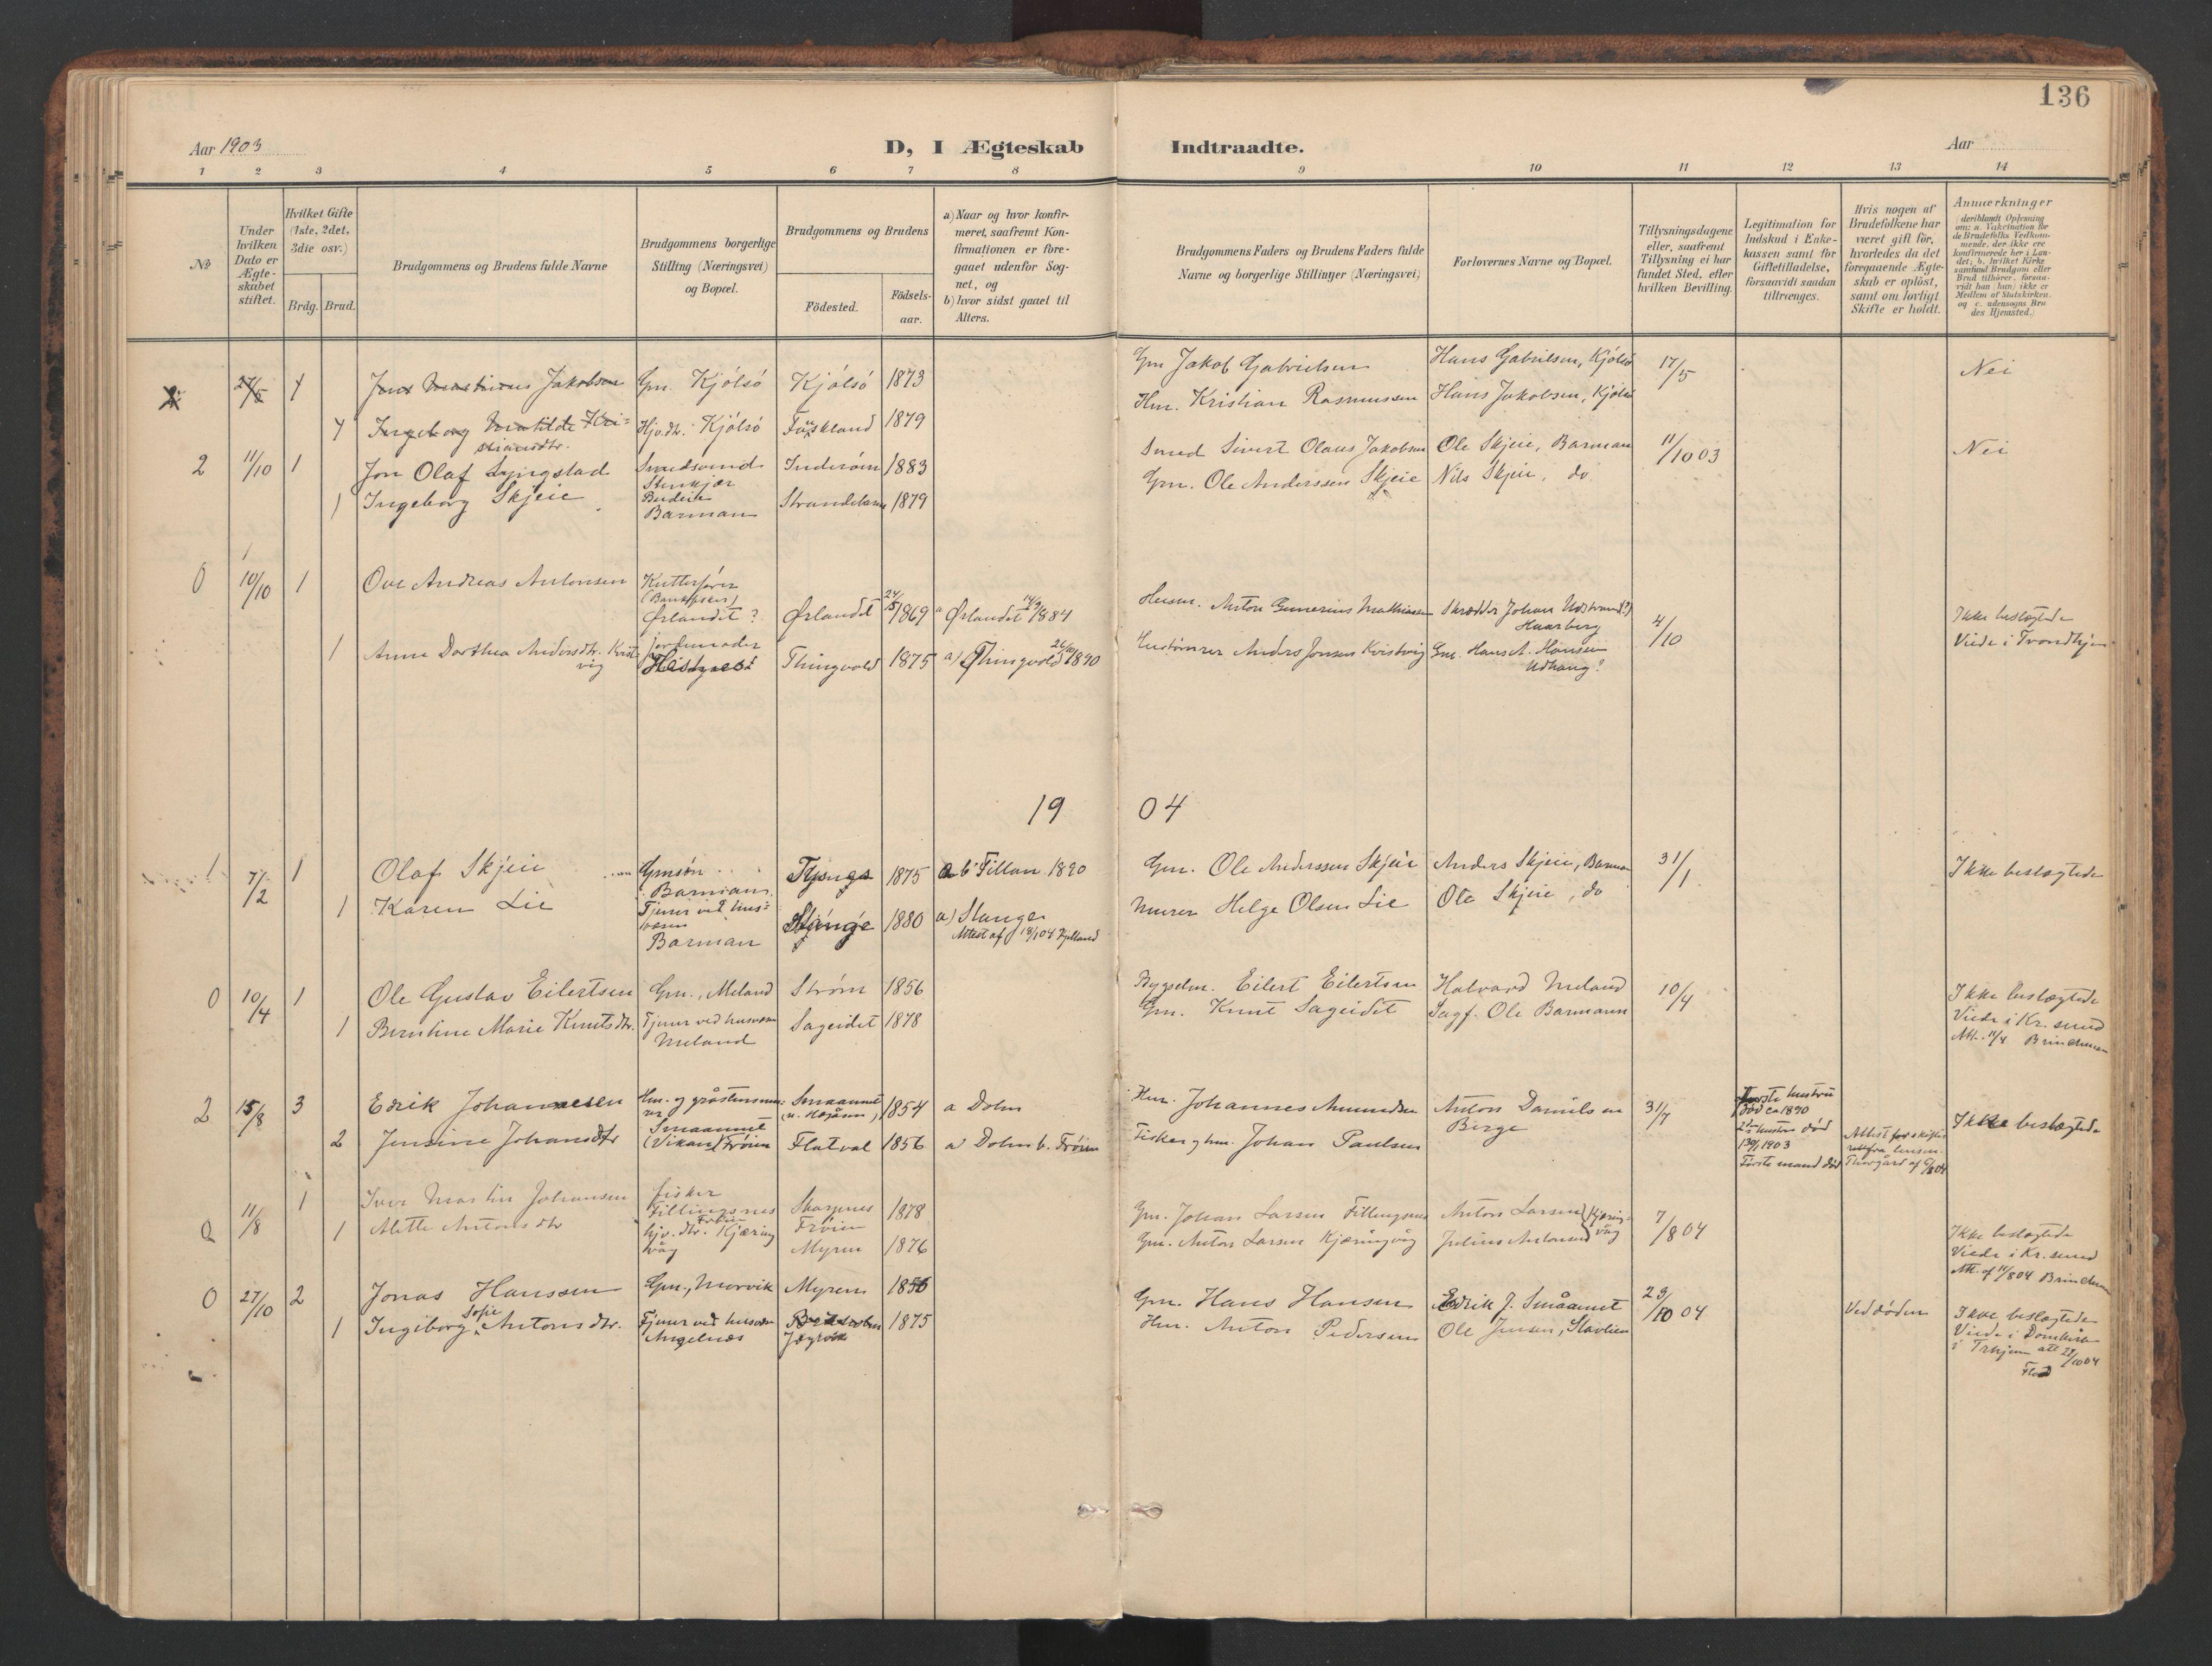 SAT, Ministerialprotokoller, klokkerbøker og fødselsregistre - Sør-Trøndelag, 634/L0537: Ministerialbok nr. 634A13, 1896-1922, s. 136